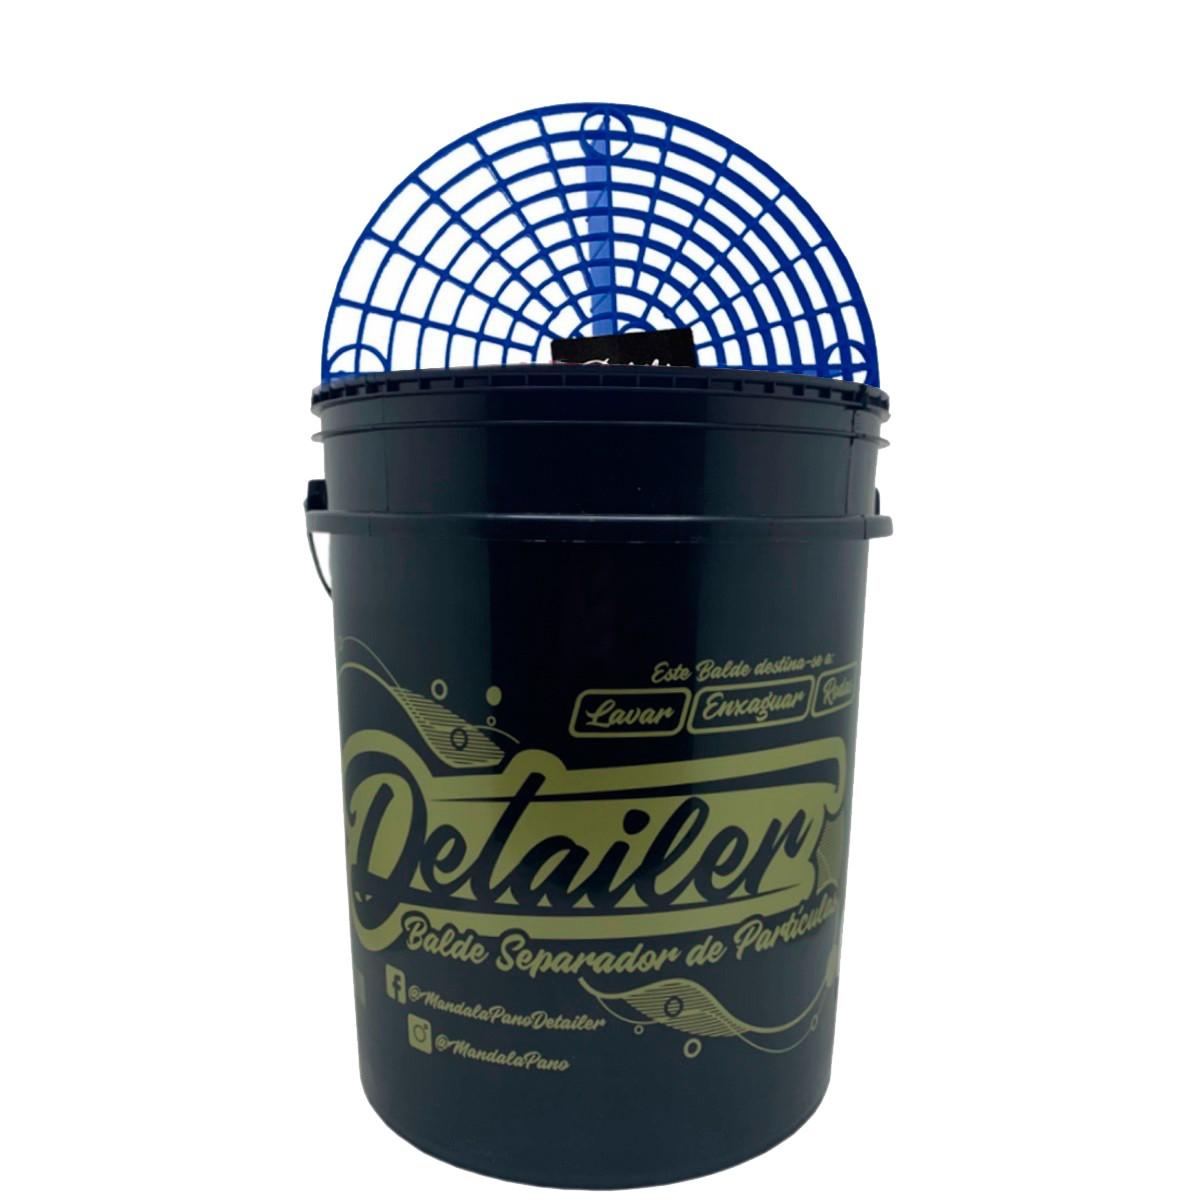 Balde C/Separador de Particulas 19L Preto -Detailer